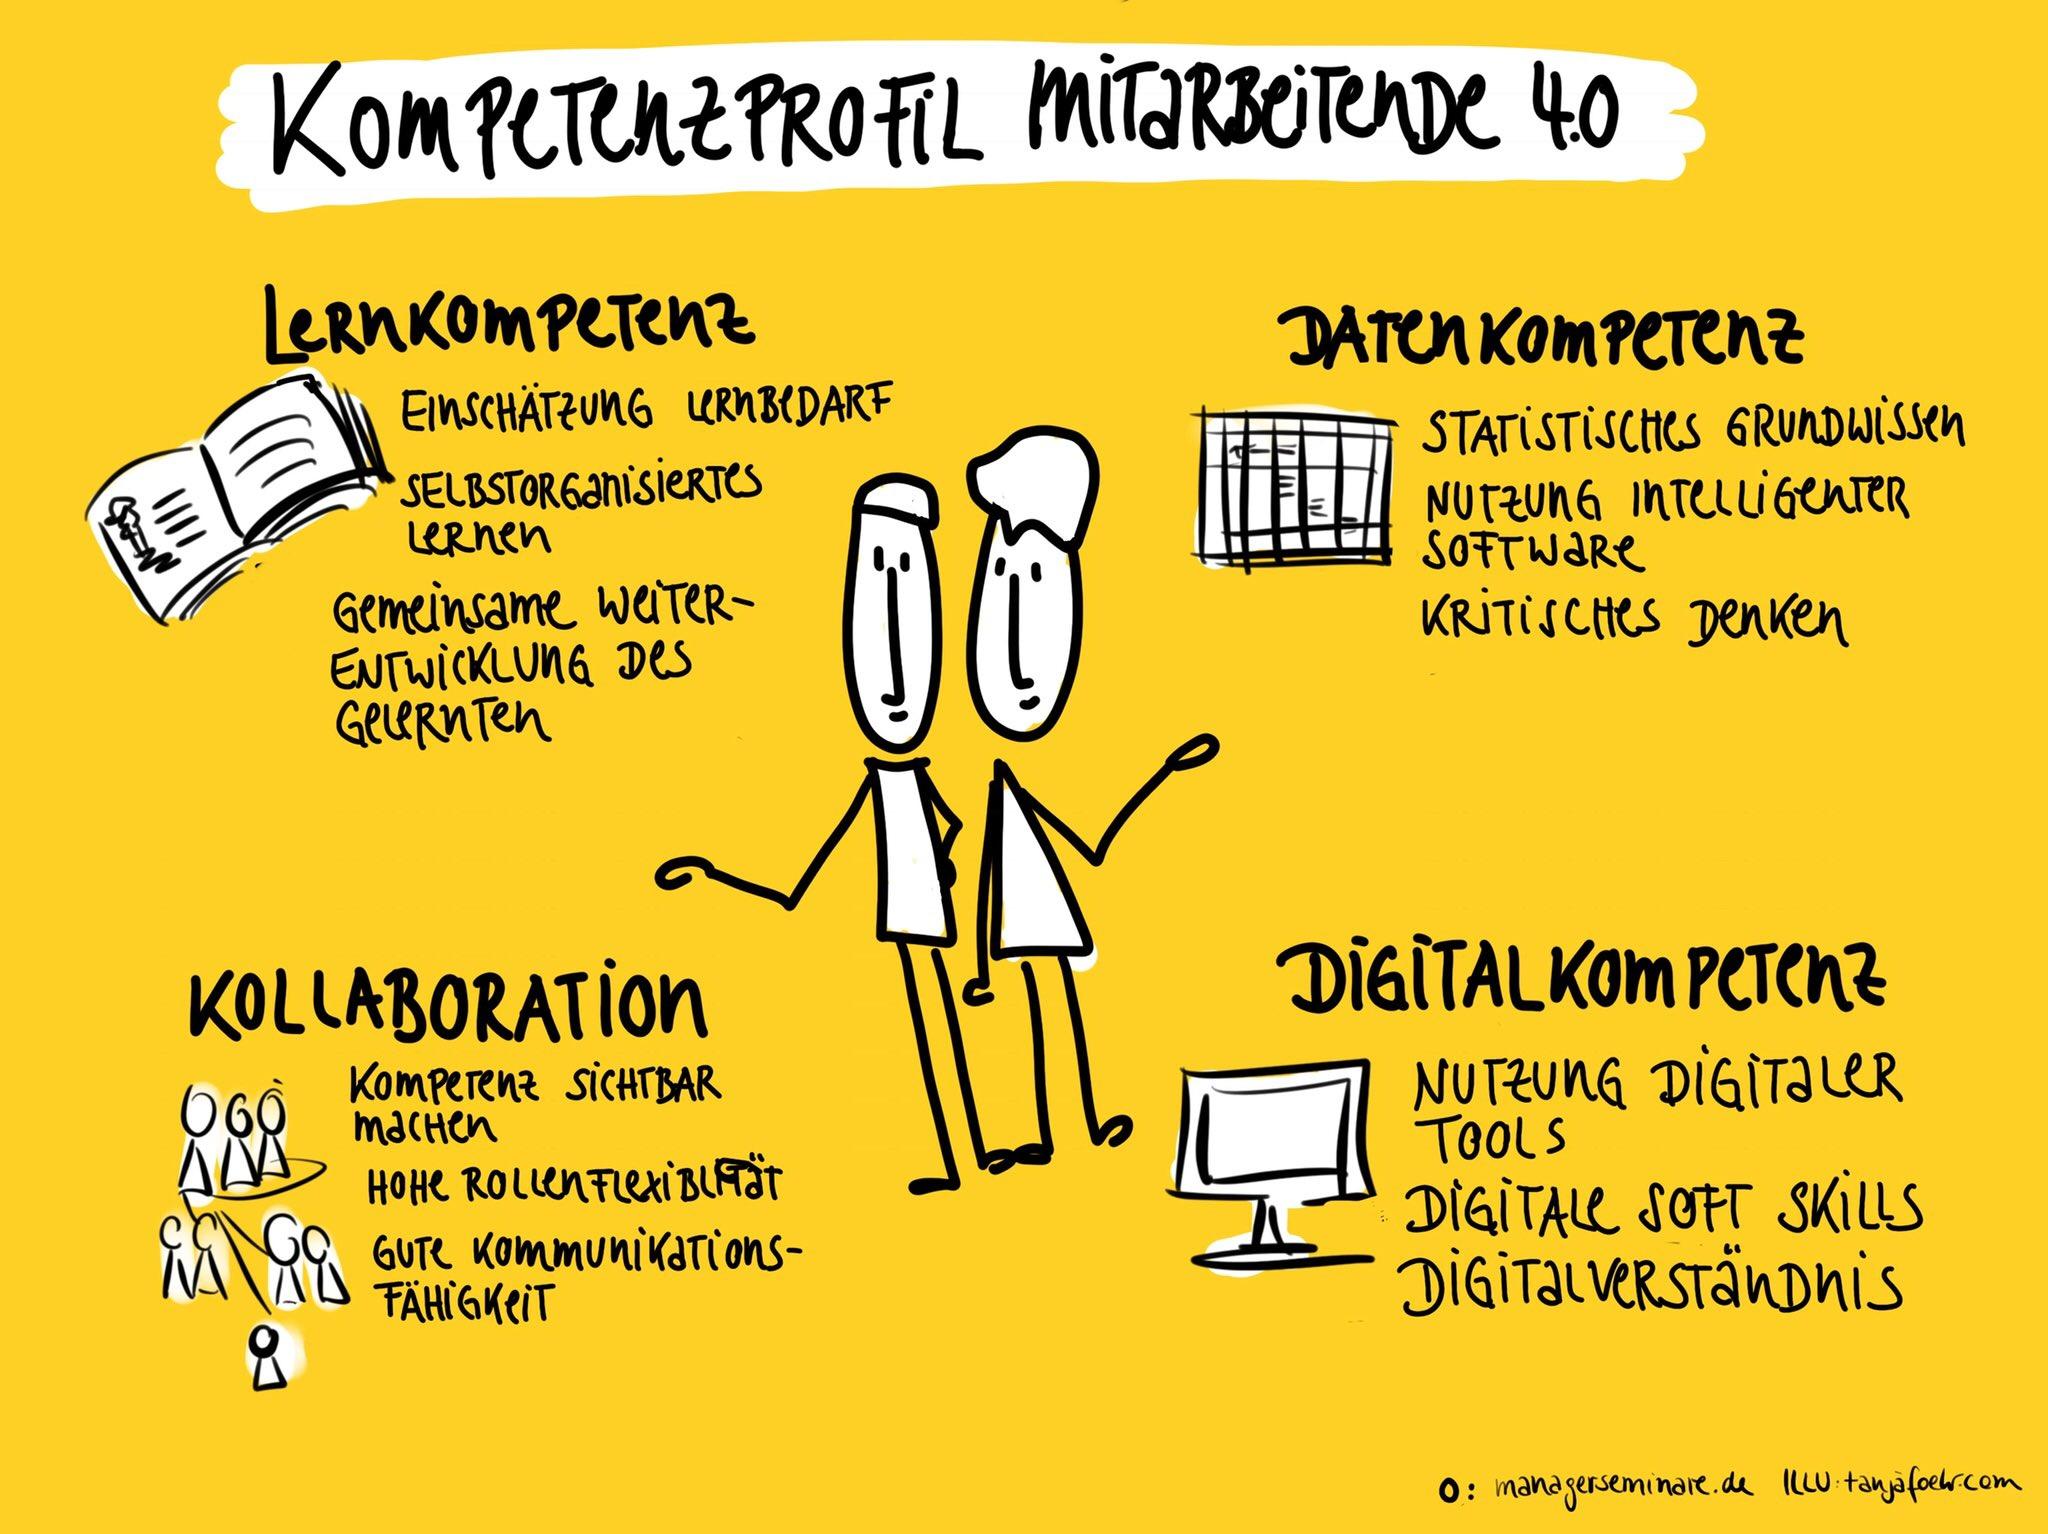 Vor dem neuen Handeln kommt neues Denken.  Was Mitarbeitende jetzt brauchen. #Transformation #digitalisierung https://t.co/HyX7KDOruy